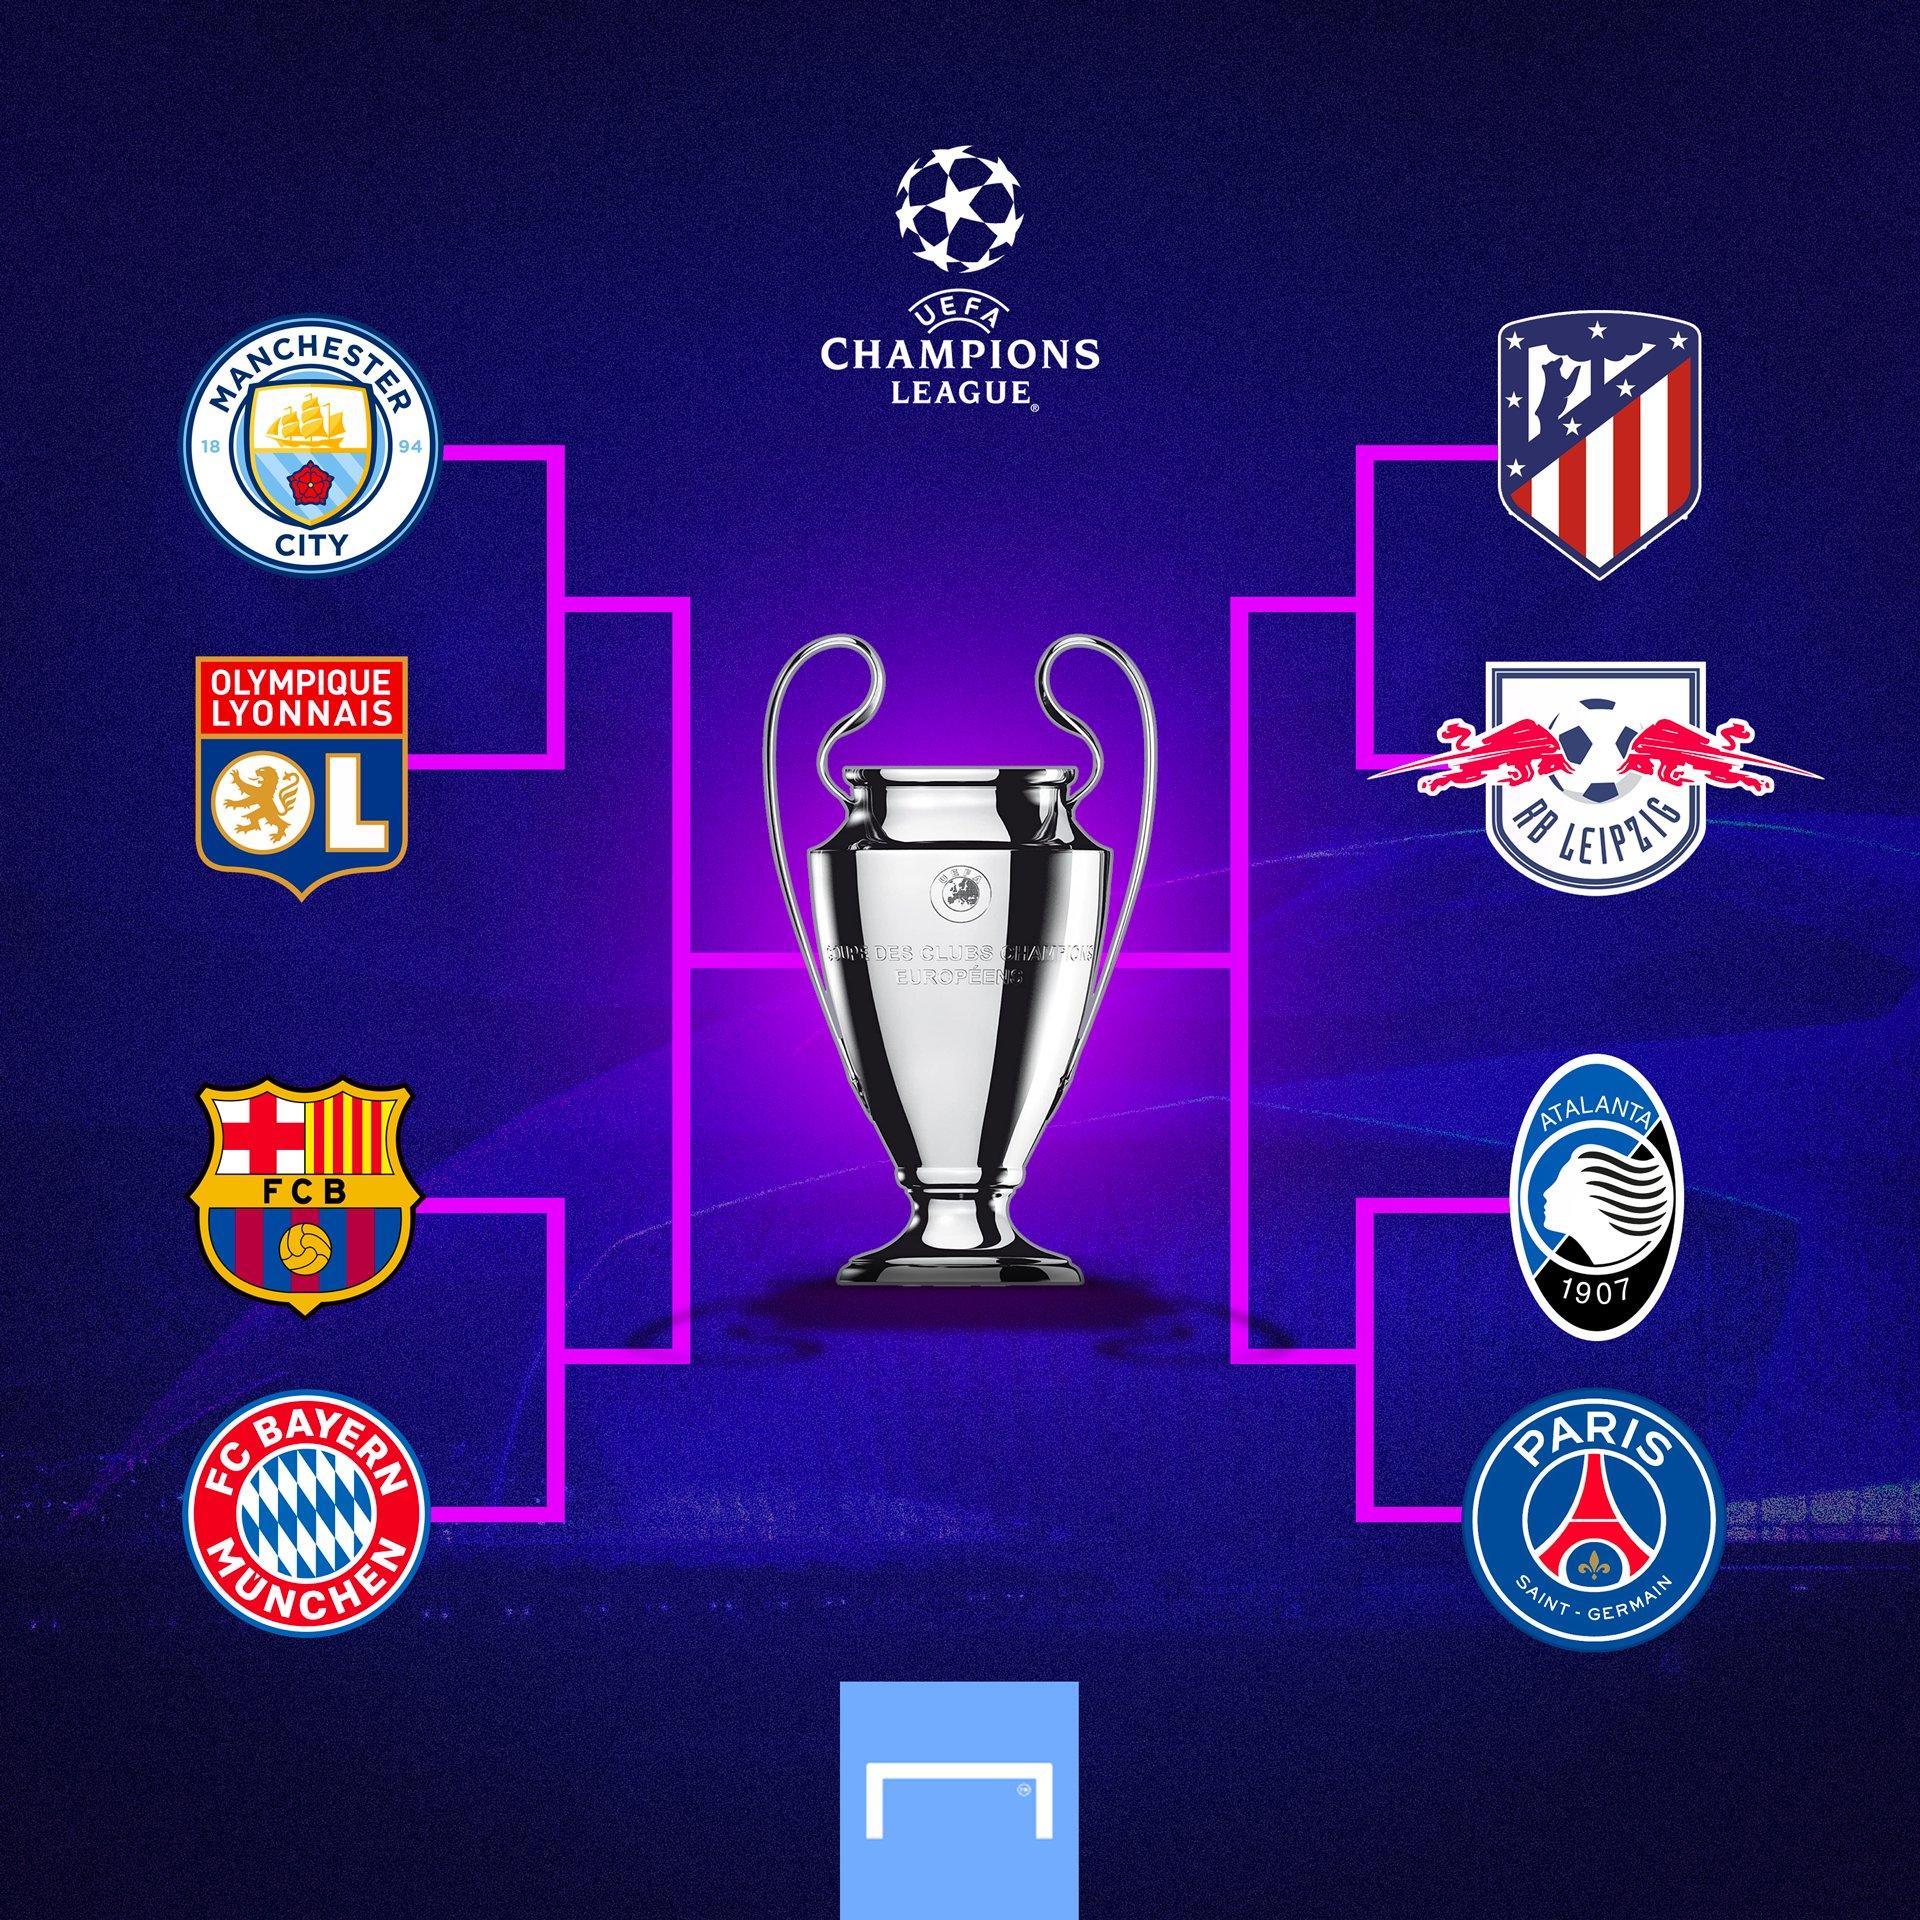 确认进入前8名后的冠军联赛赔率:曼城榜首,拜仁巴黎巴塞罗那2-4